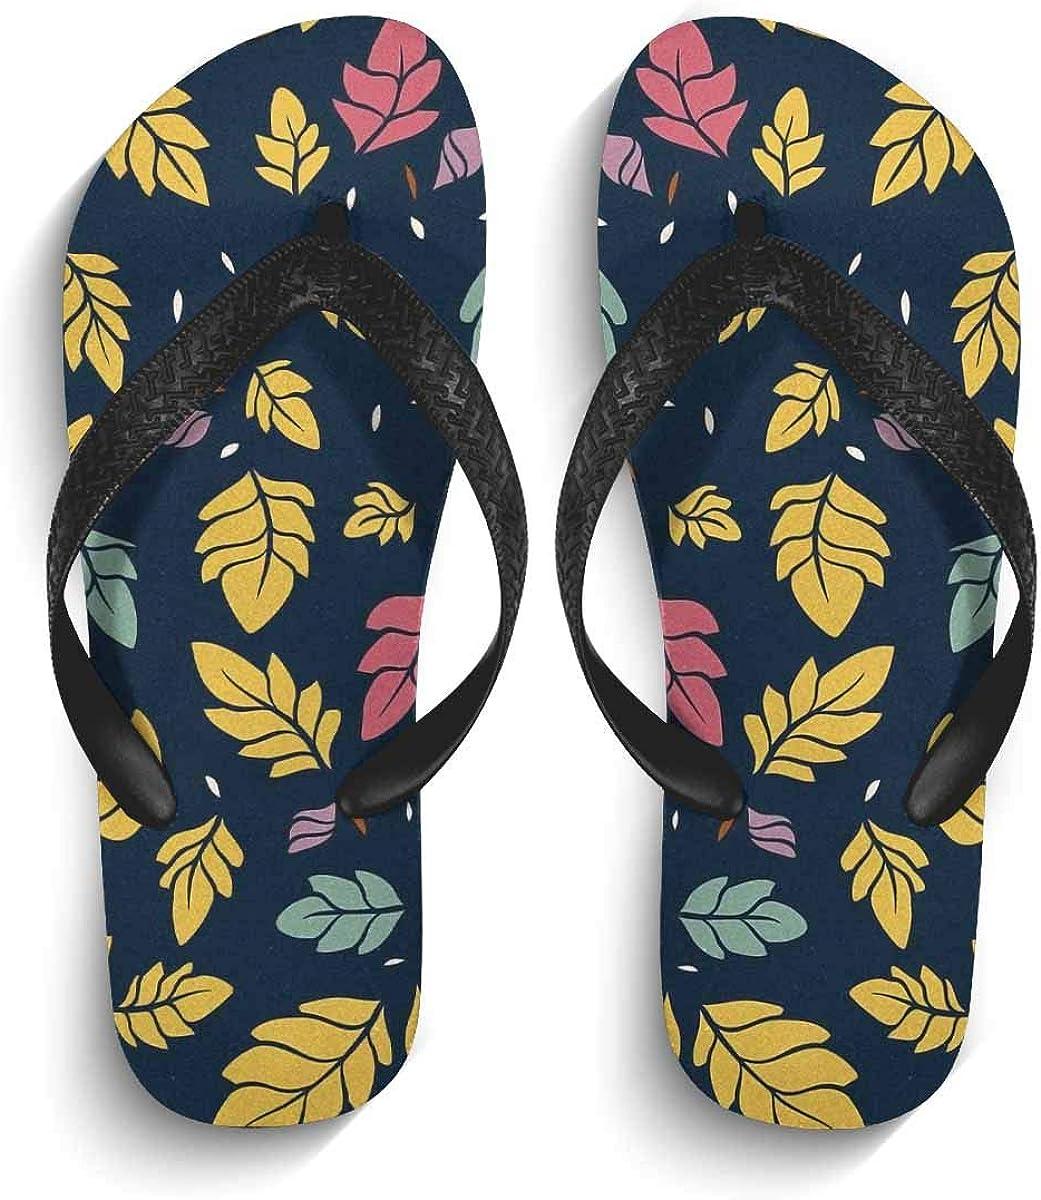 InterestPrint Men's Non-Slip Flip Flops Sandal Branches and Retro Oak Leaves Summer Beach Thong Slippers M